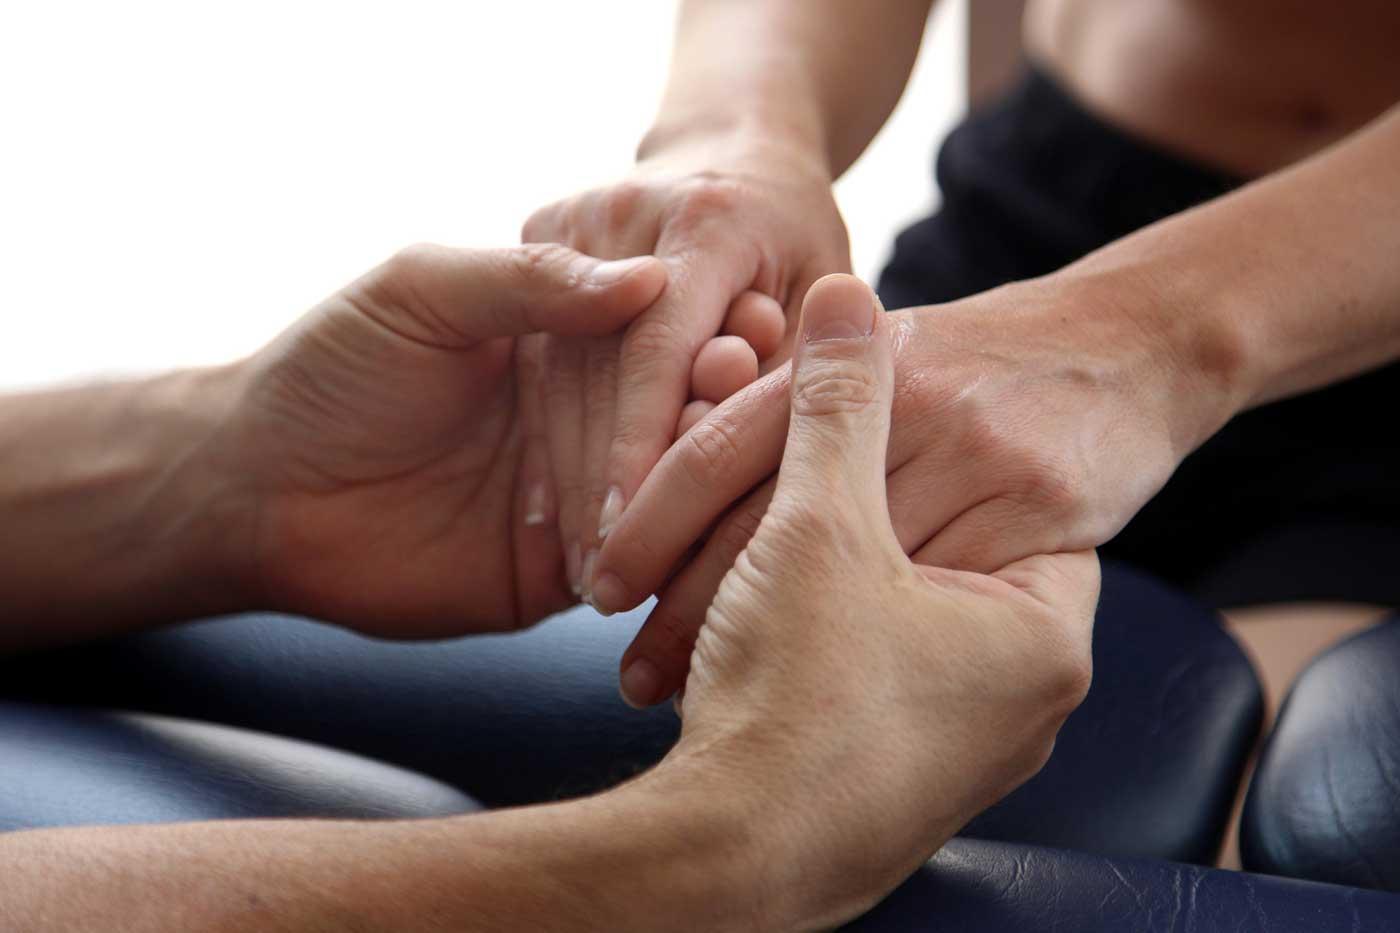 Per Osteolive, centro osteopatico Roma, l'integrazione delle conoscenze è messa al servizio dinamico in un team che dialoga a più voci nel ricercare il benessere della persona.